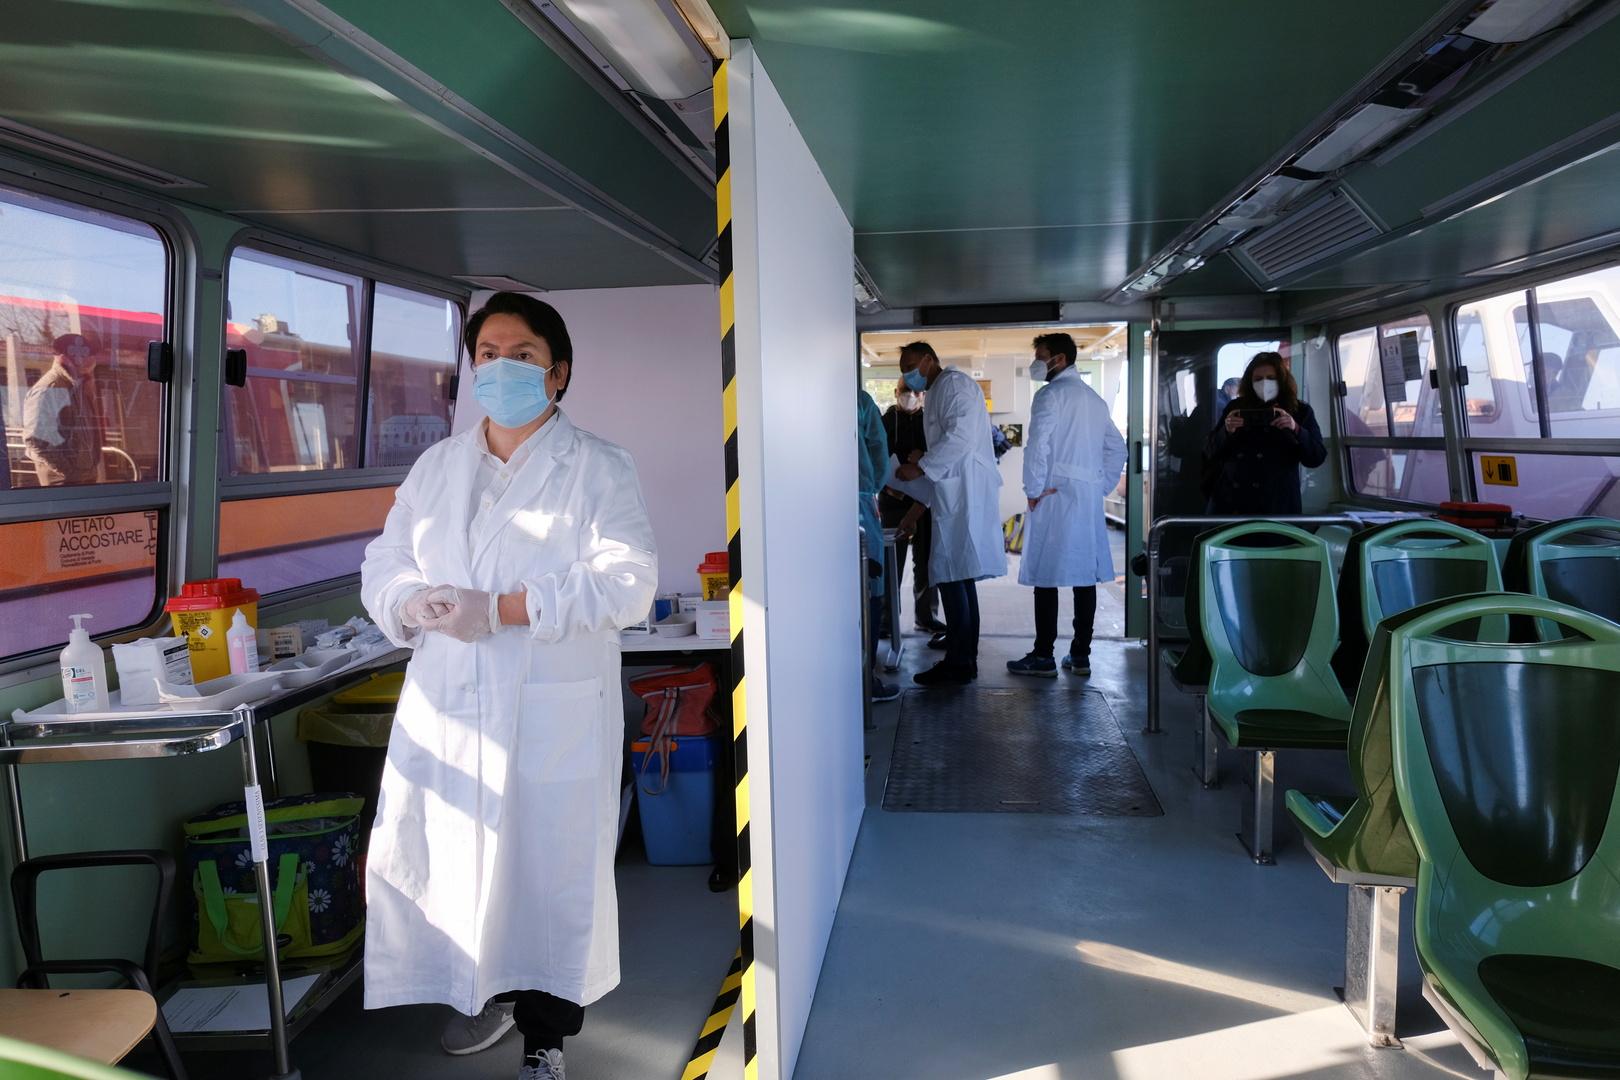 السلطات الإيطالية تبدأ بفصل الكوادر الطبية الذين لم يتلقوا لقاح كورونا